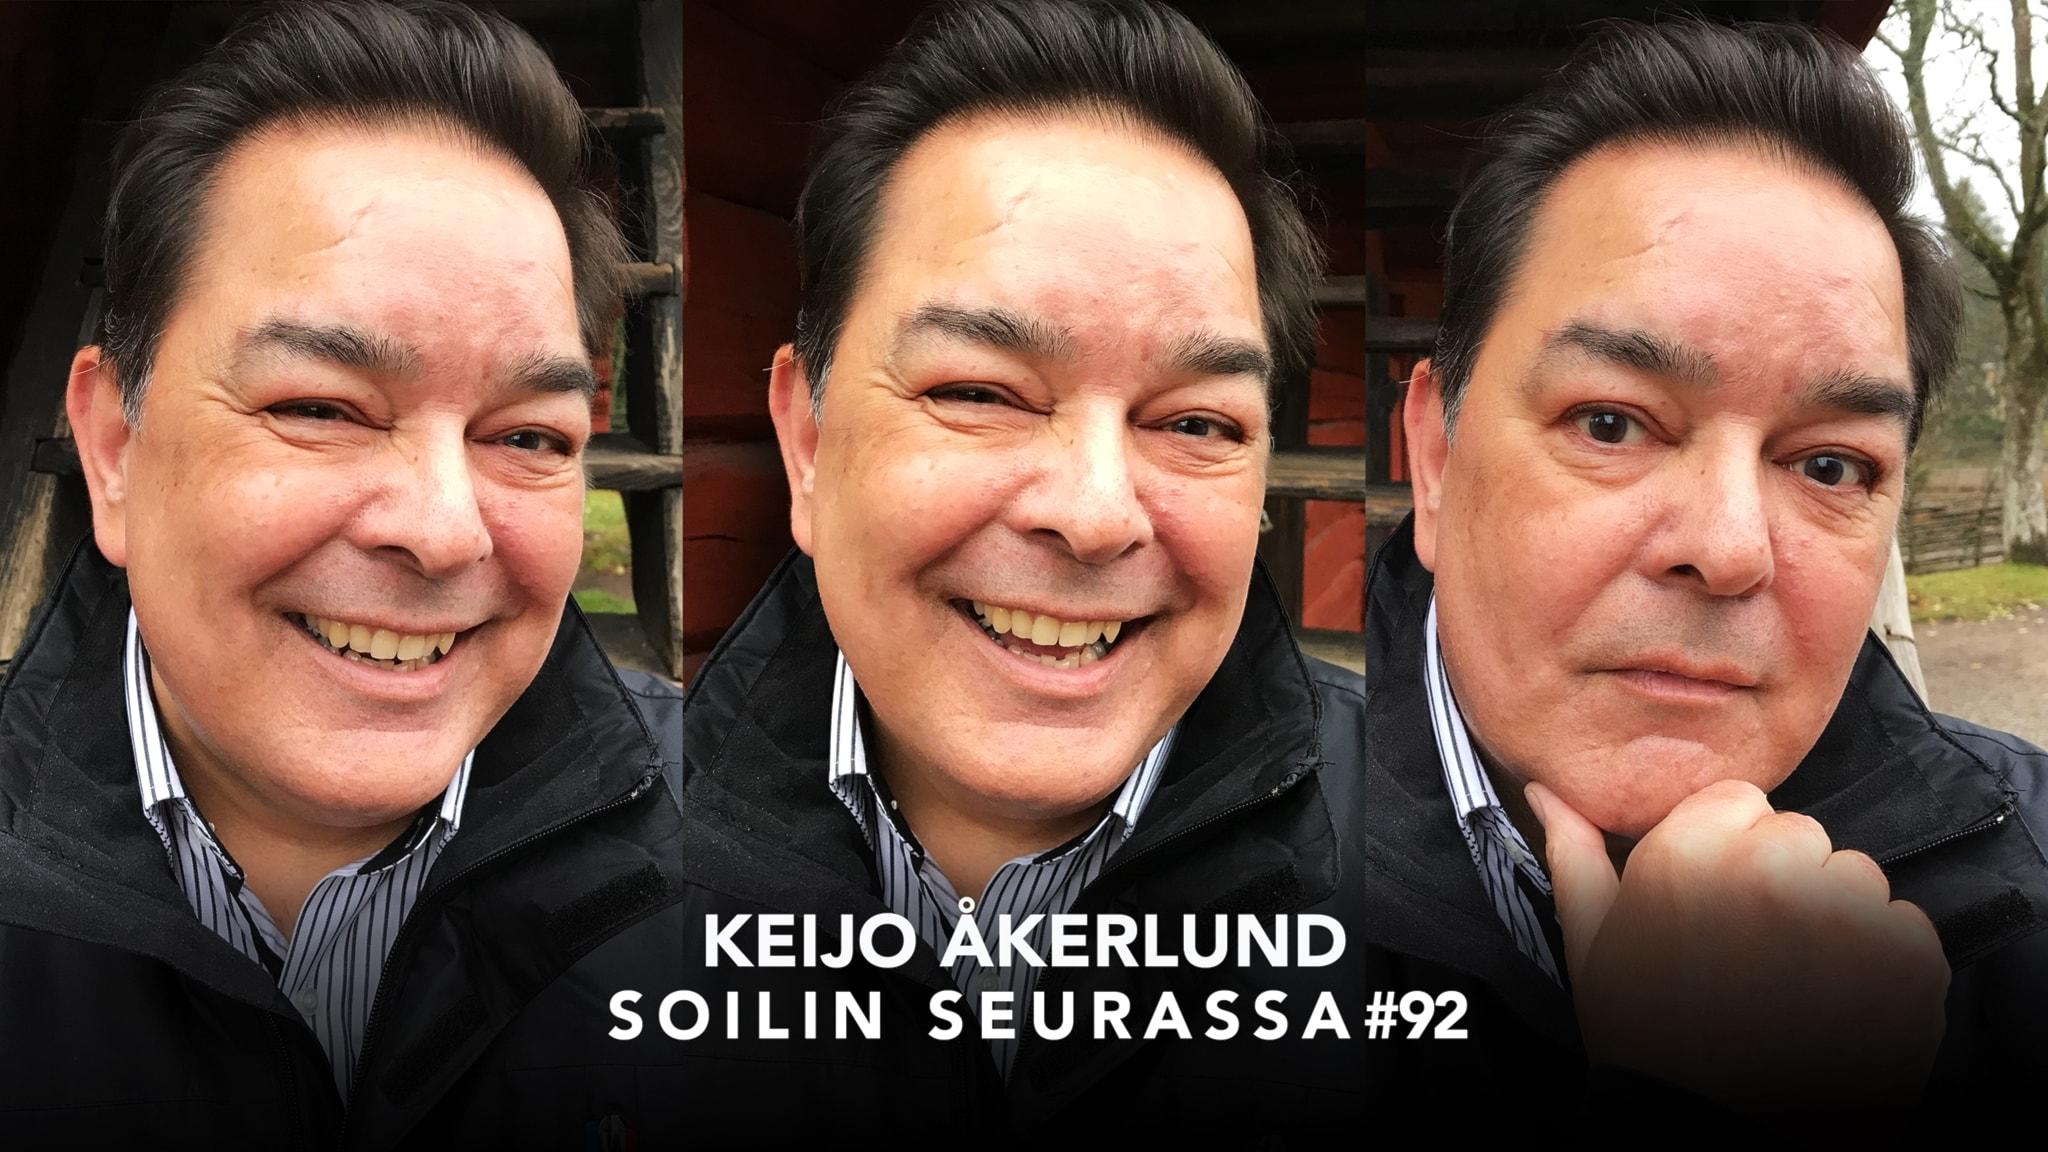 Keijo Åkerlund, muusikko ja pastori Södertäljestä